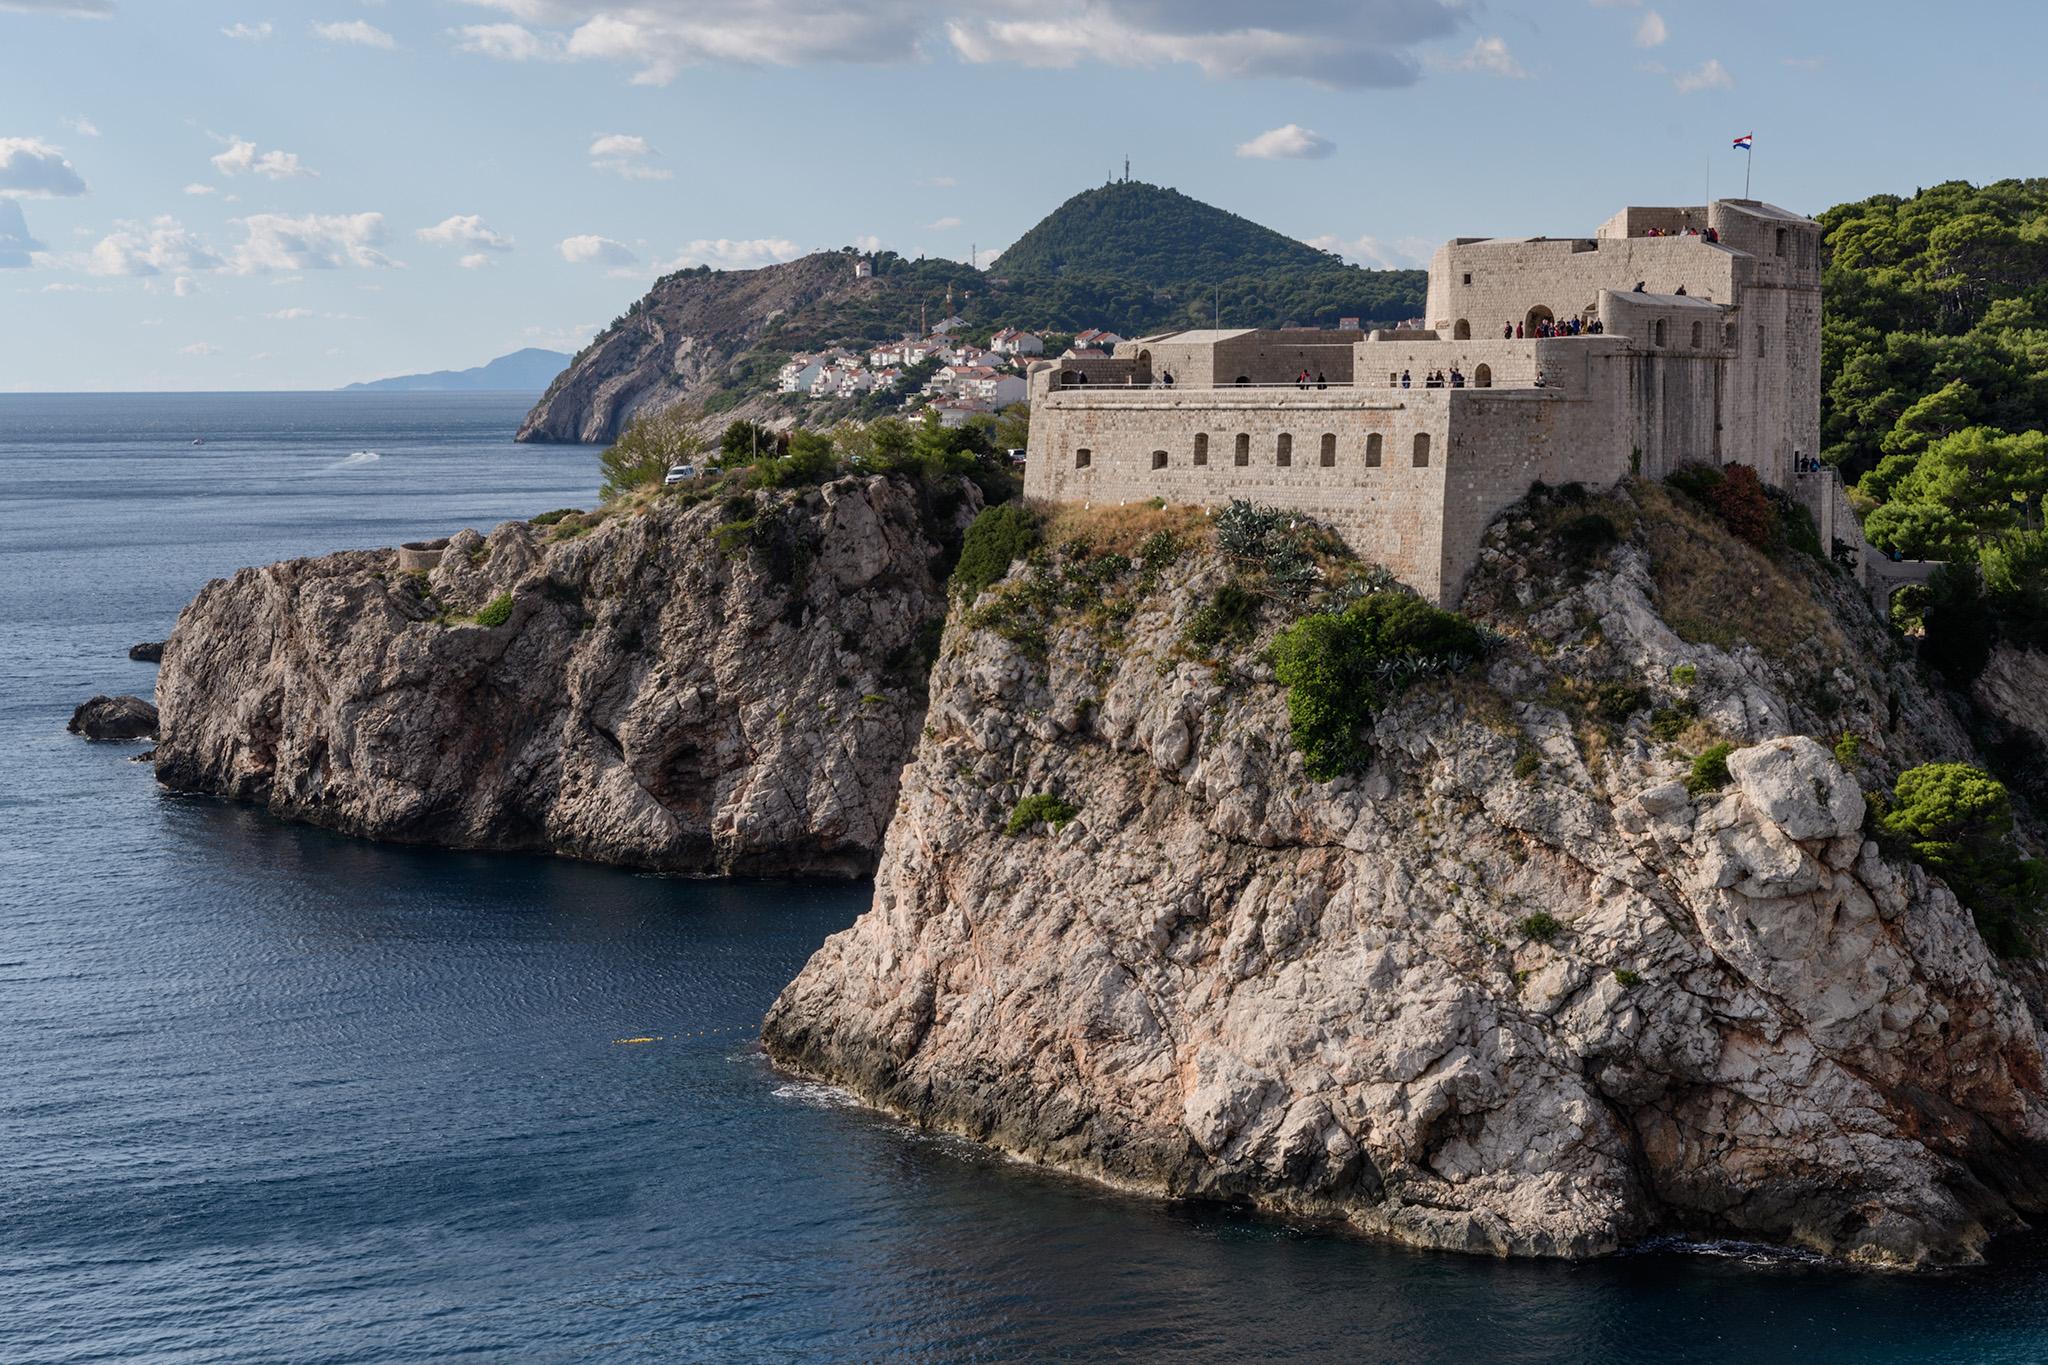 The Fort of St John